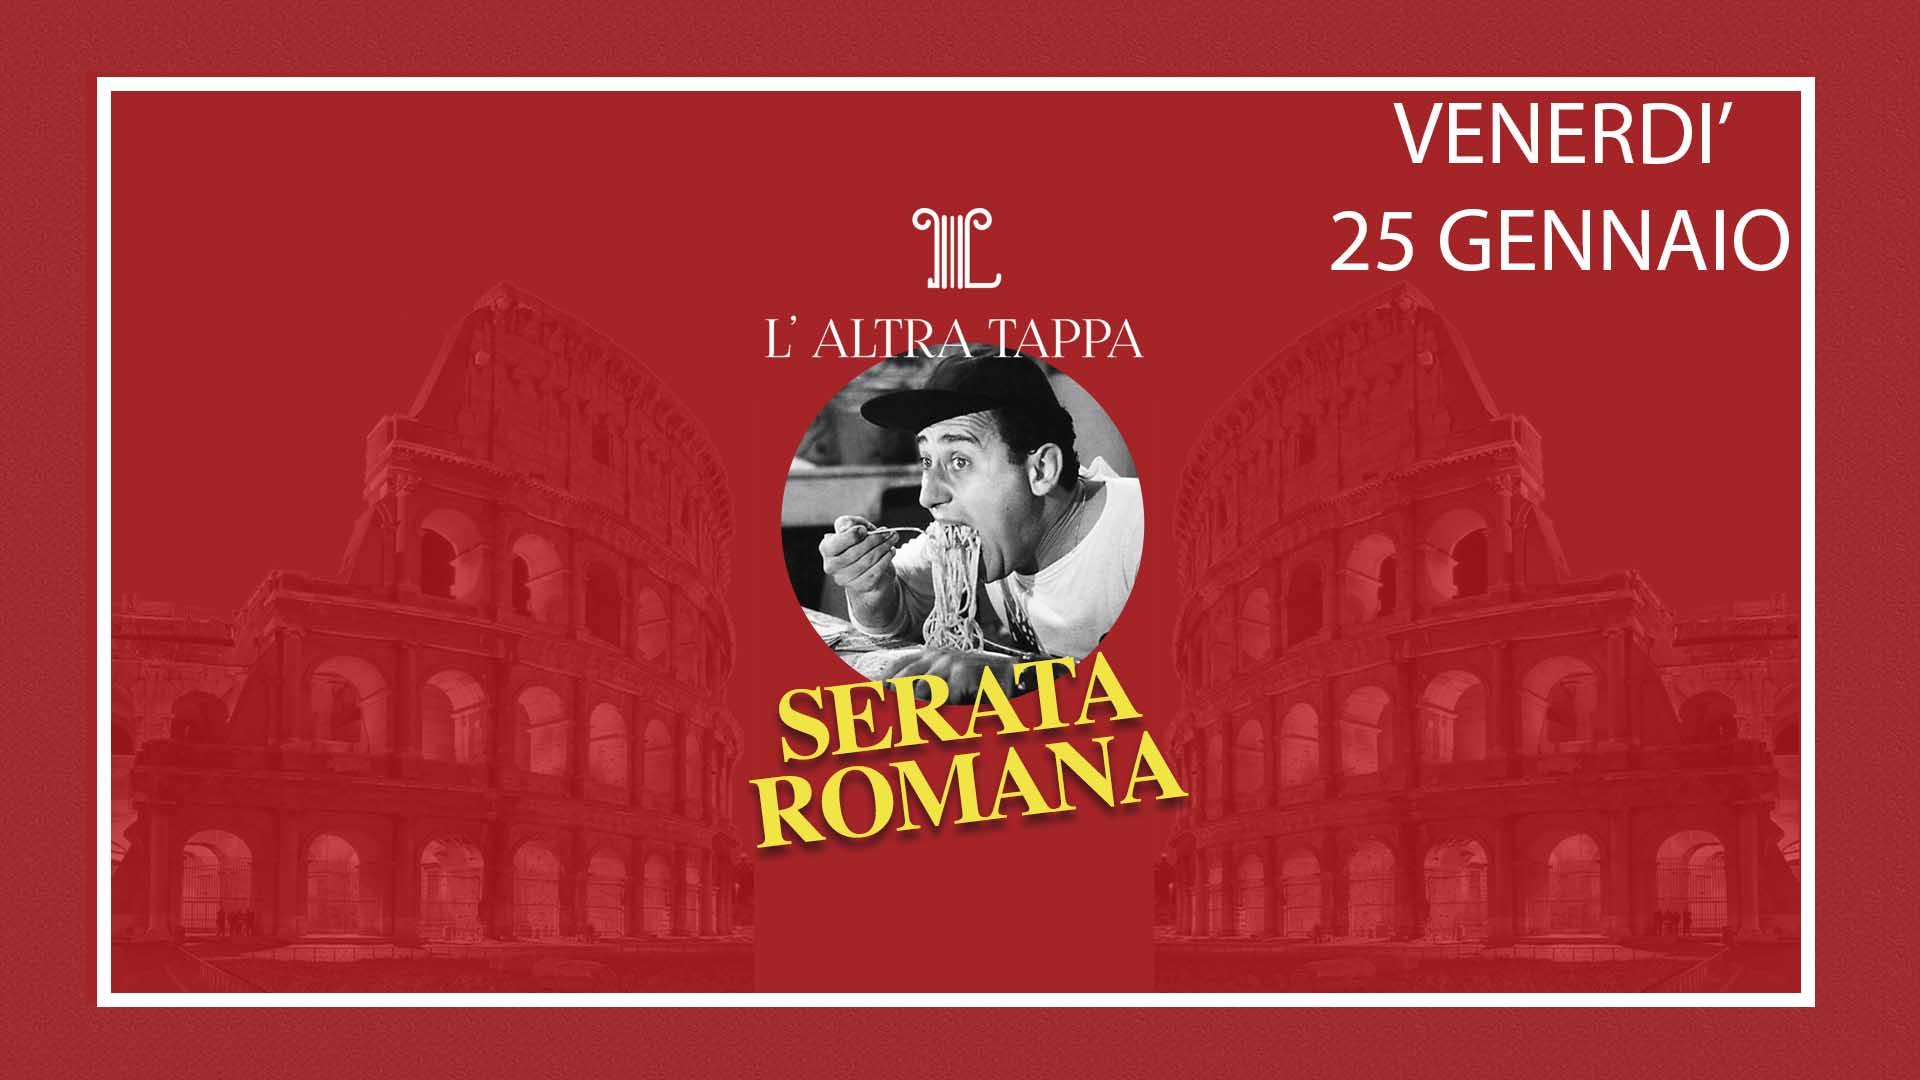 L'altra tappa - Serata romana evento 25 gennaio